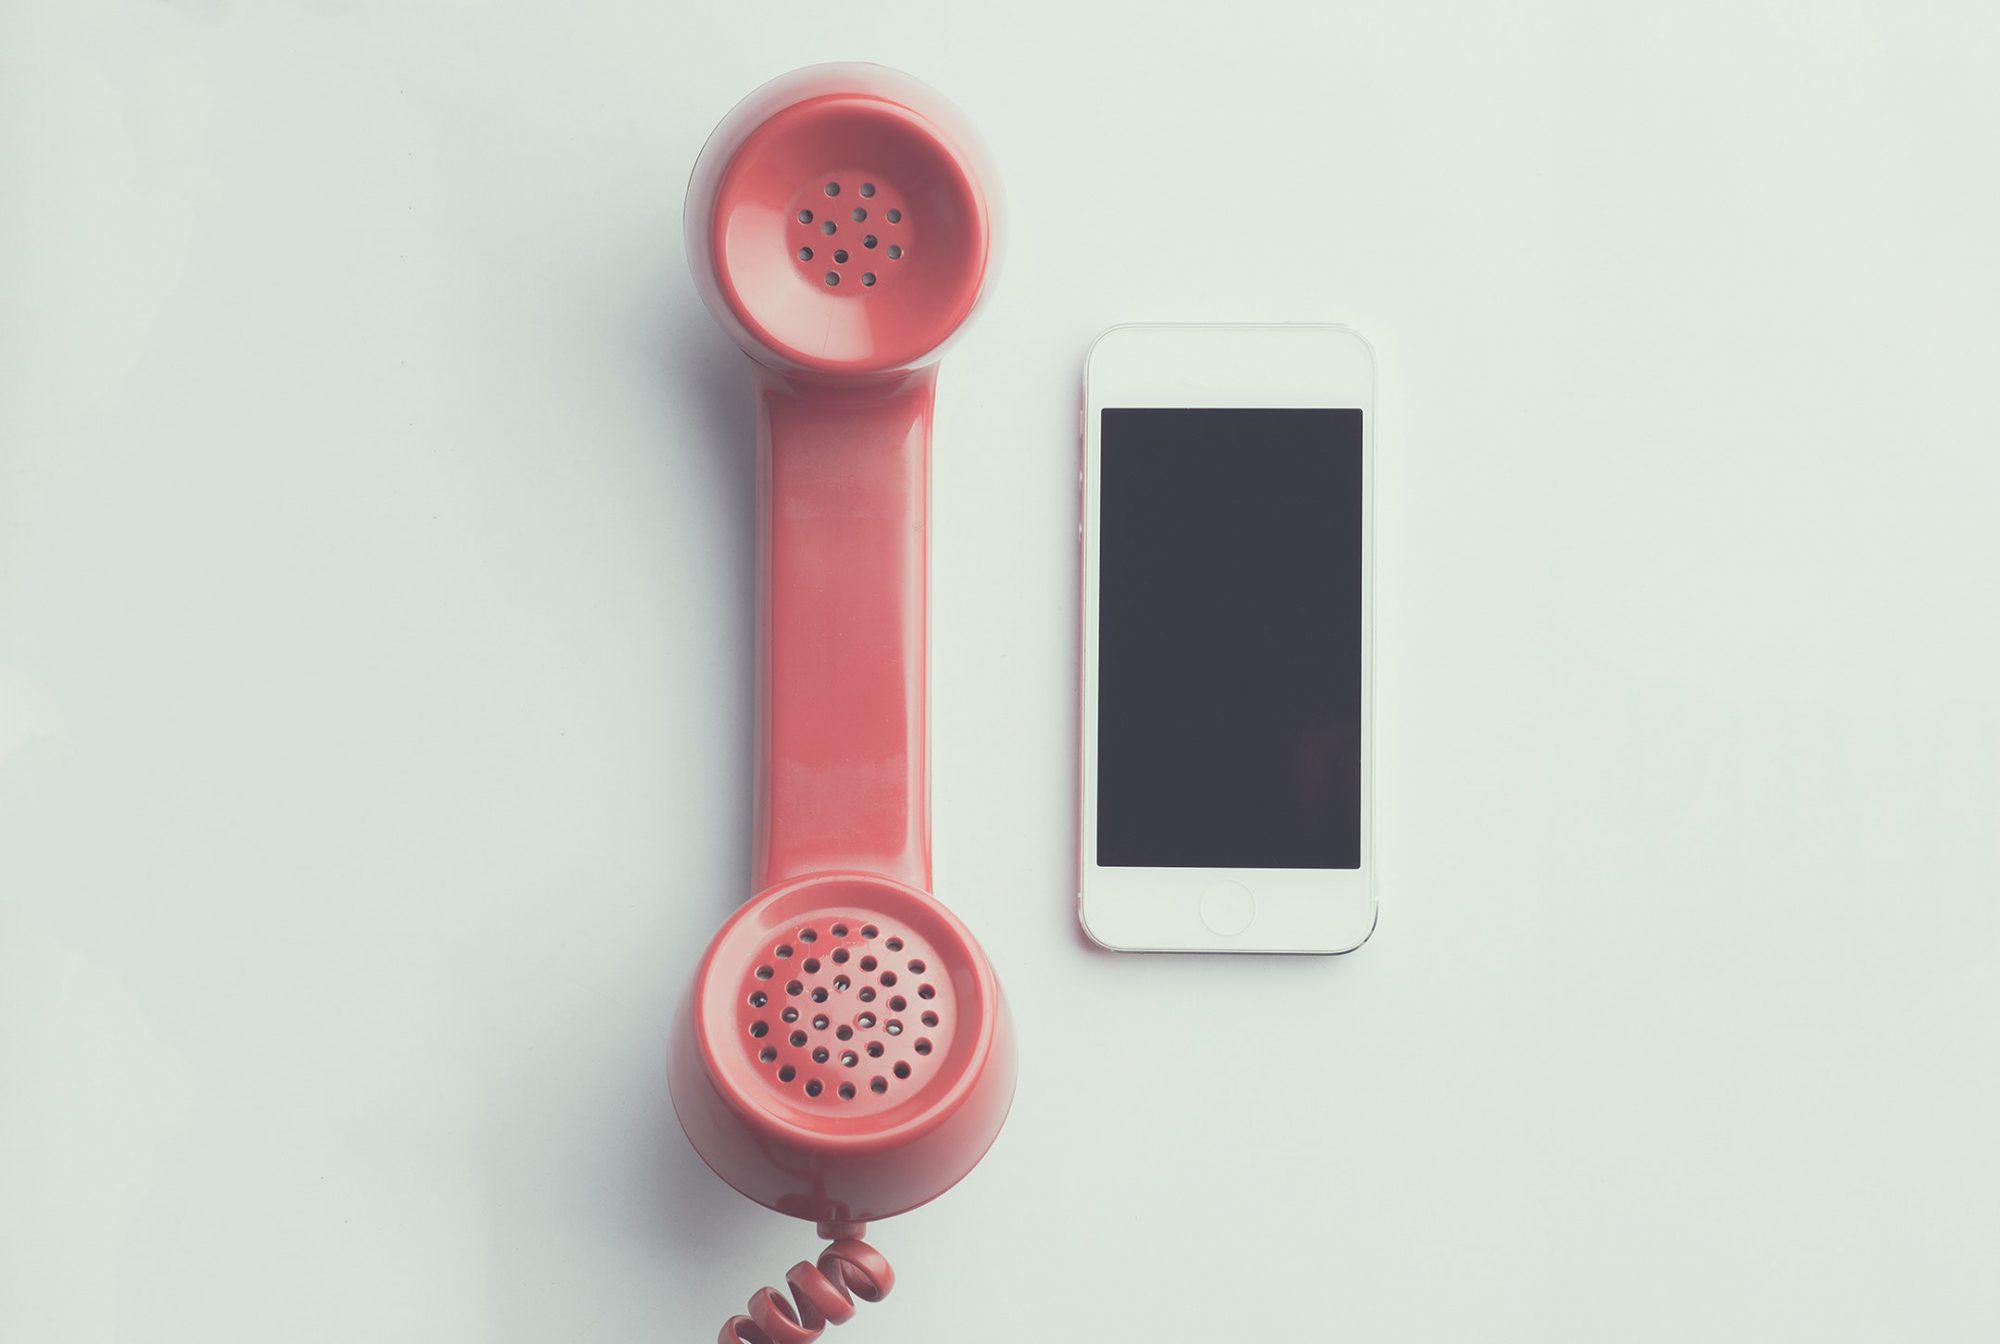 deux téléphones à côtés, un rose ancien, un smartphone récent